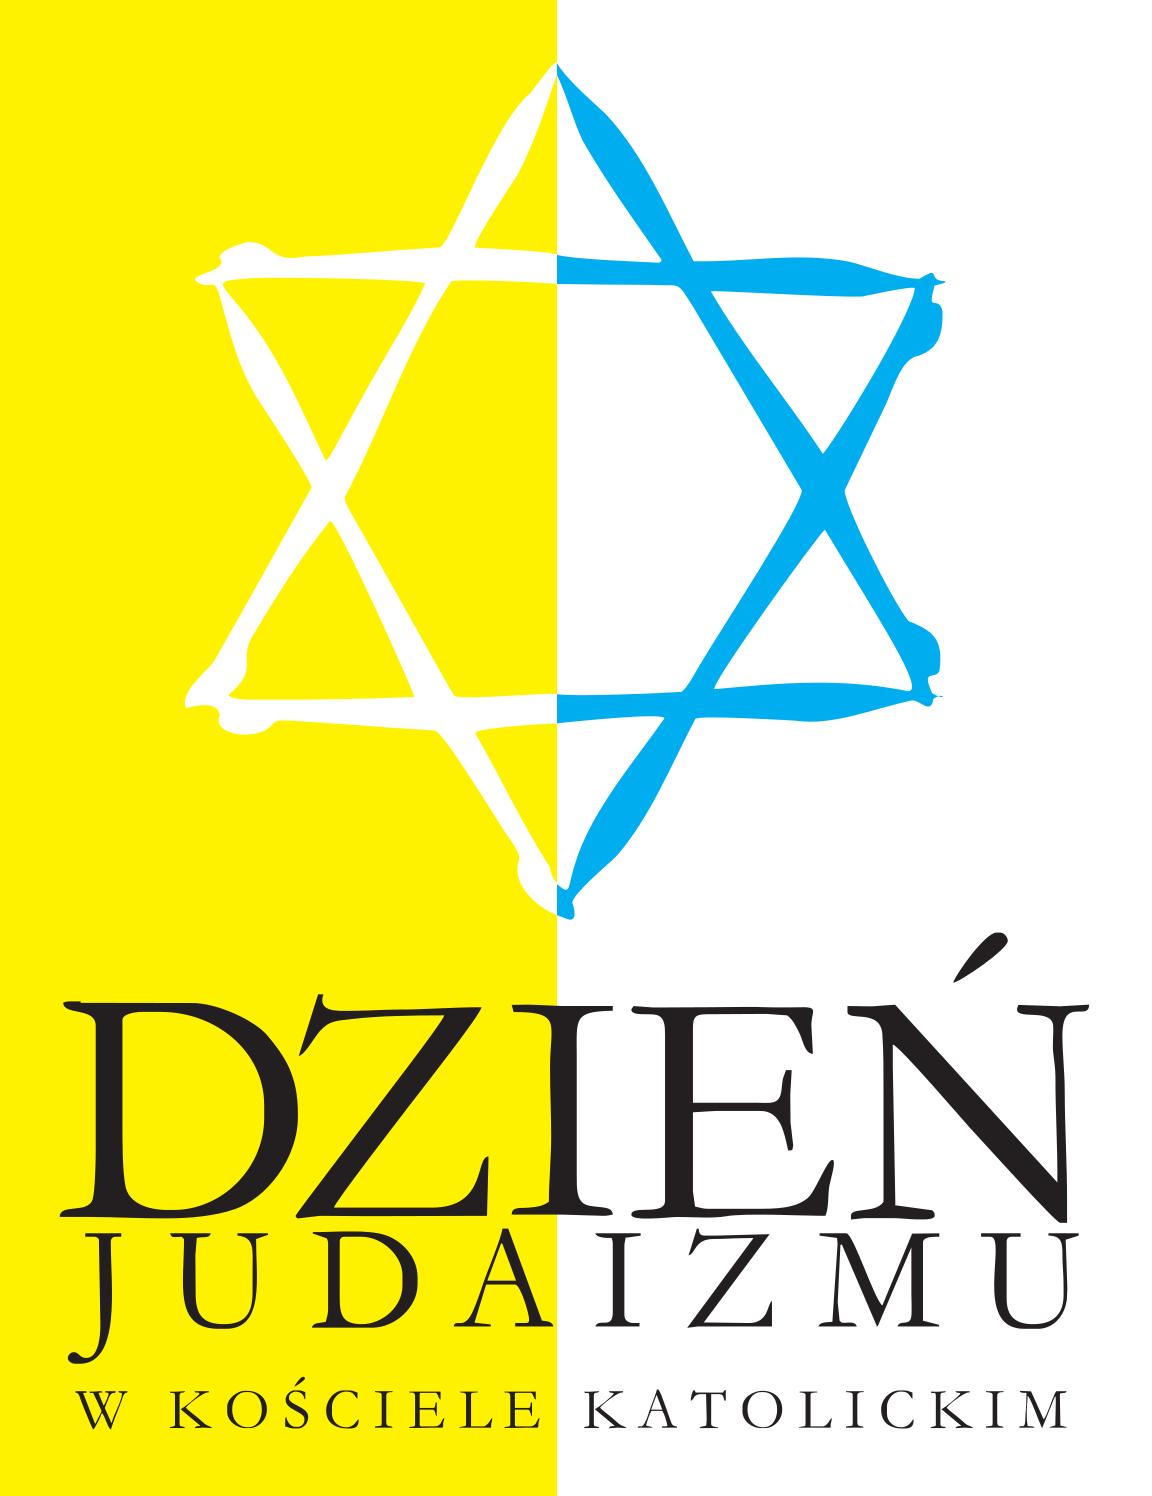 logo Dnia judaizmu - sześcioramienna gwiazda na biało-żółtym tle